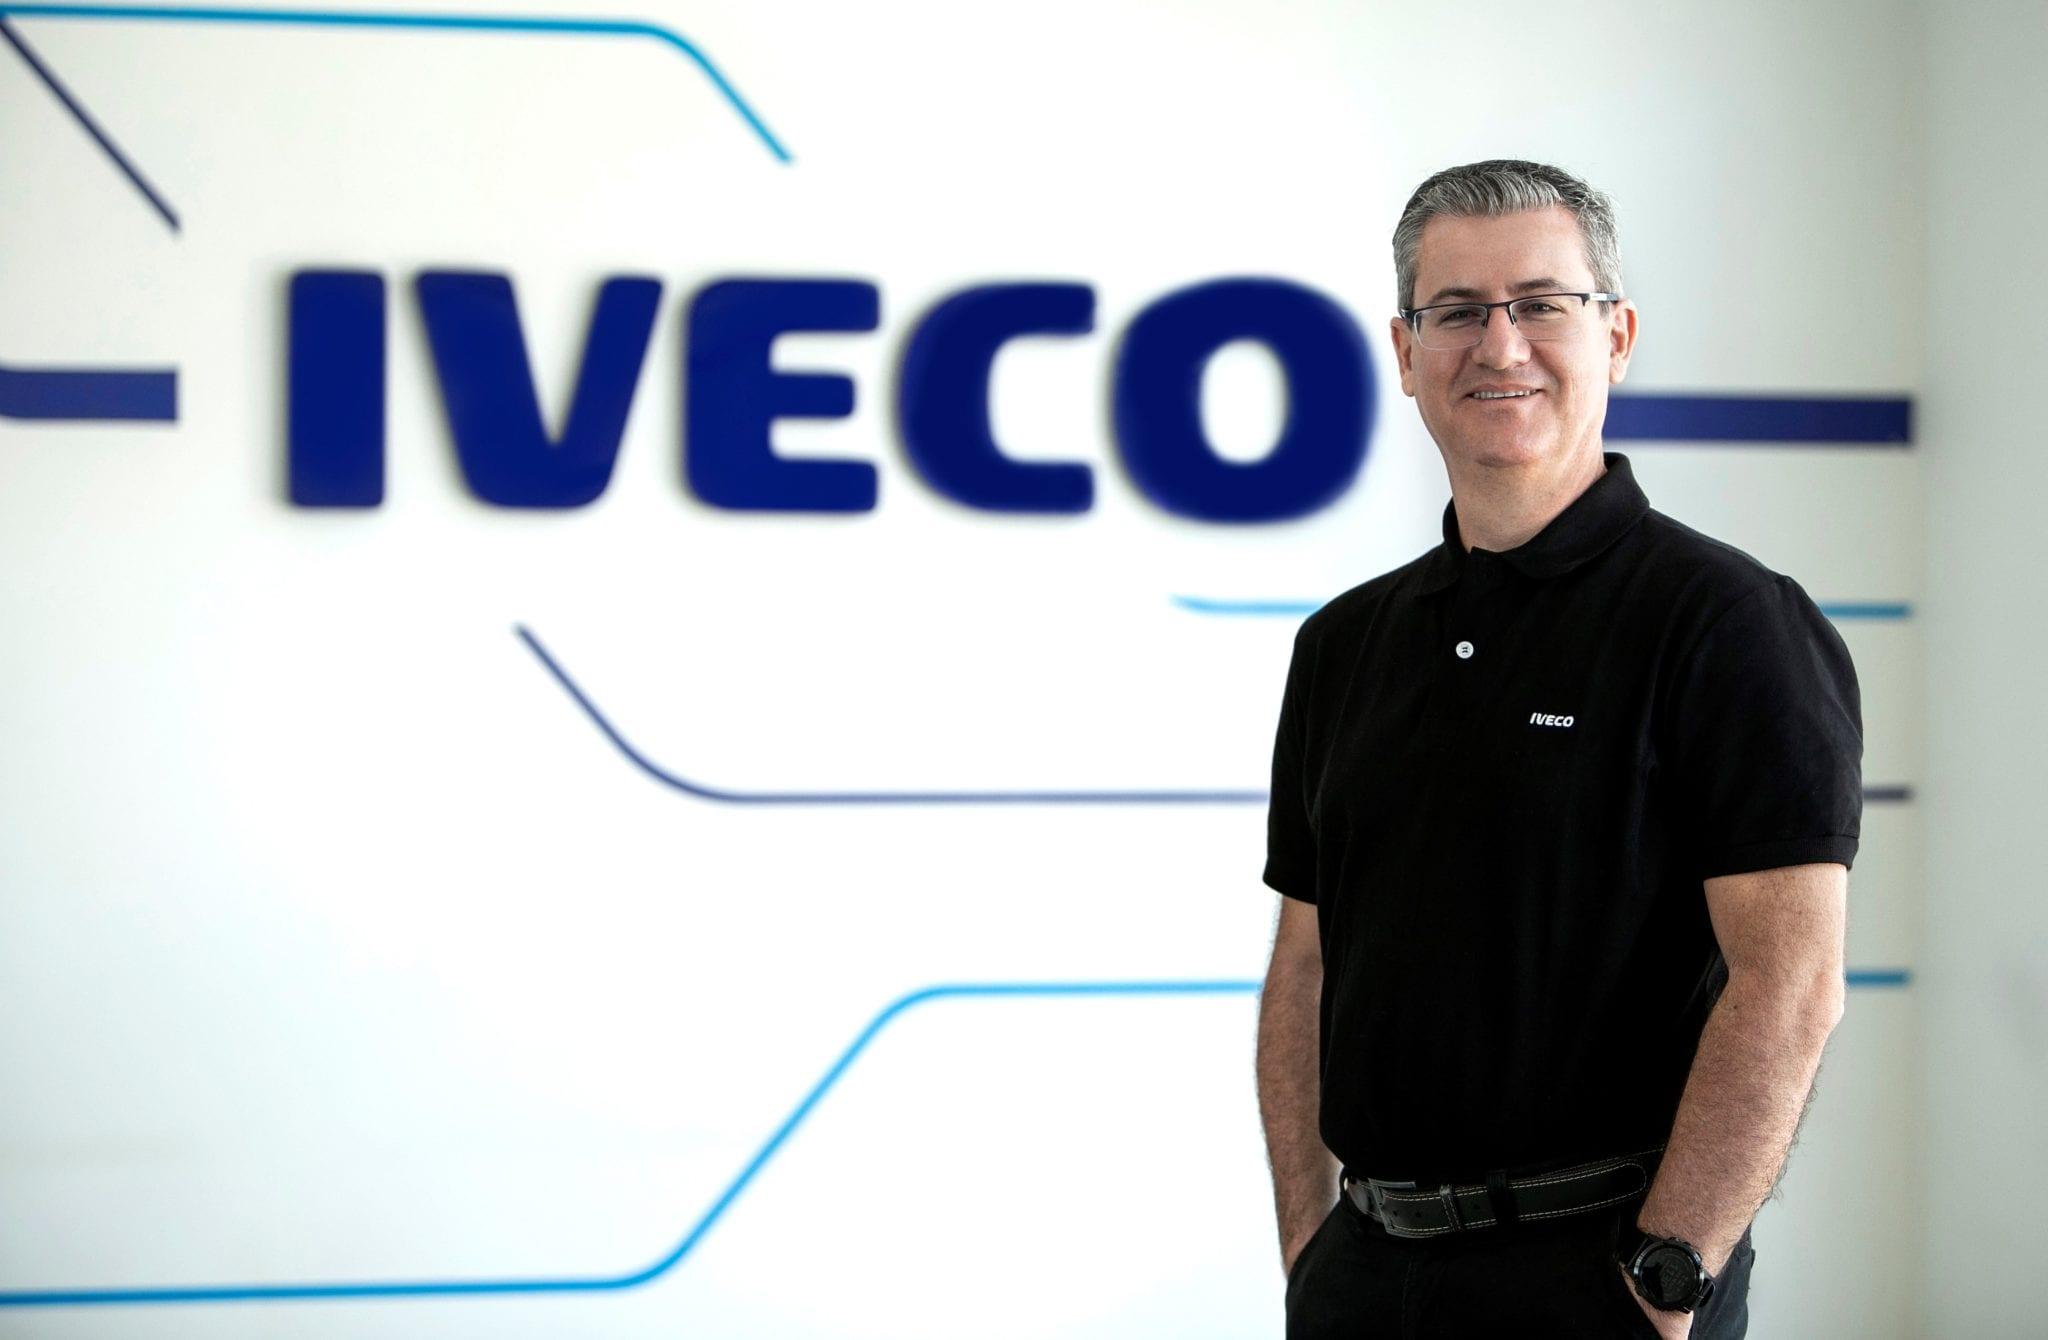 IVECO amplia portfólio de serviços em 2020 com foco no cliente